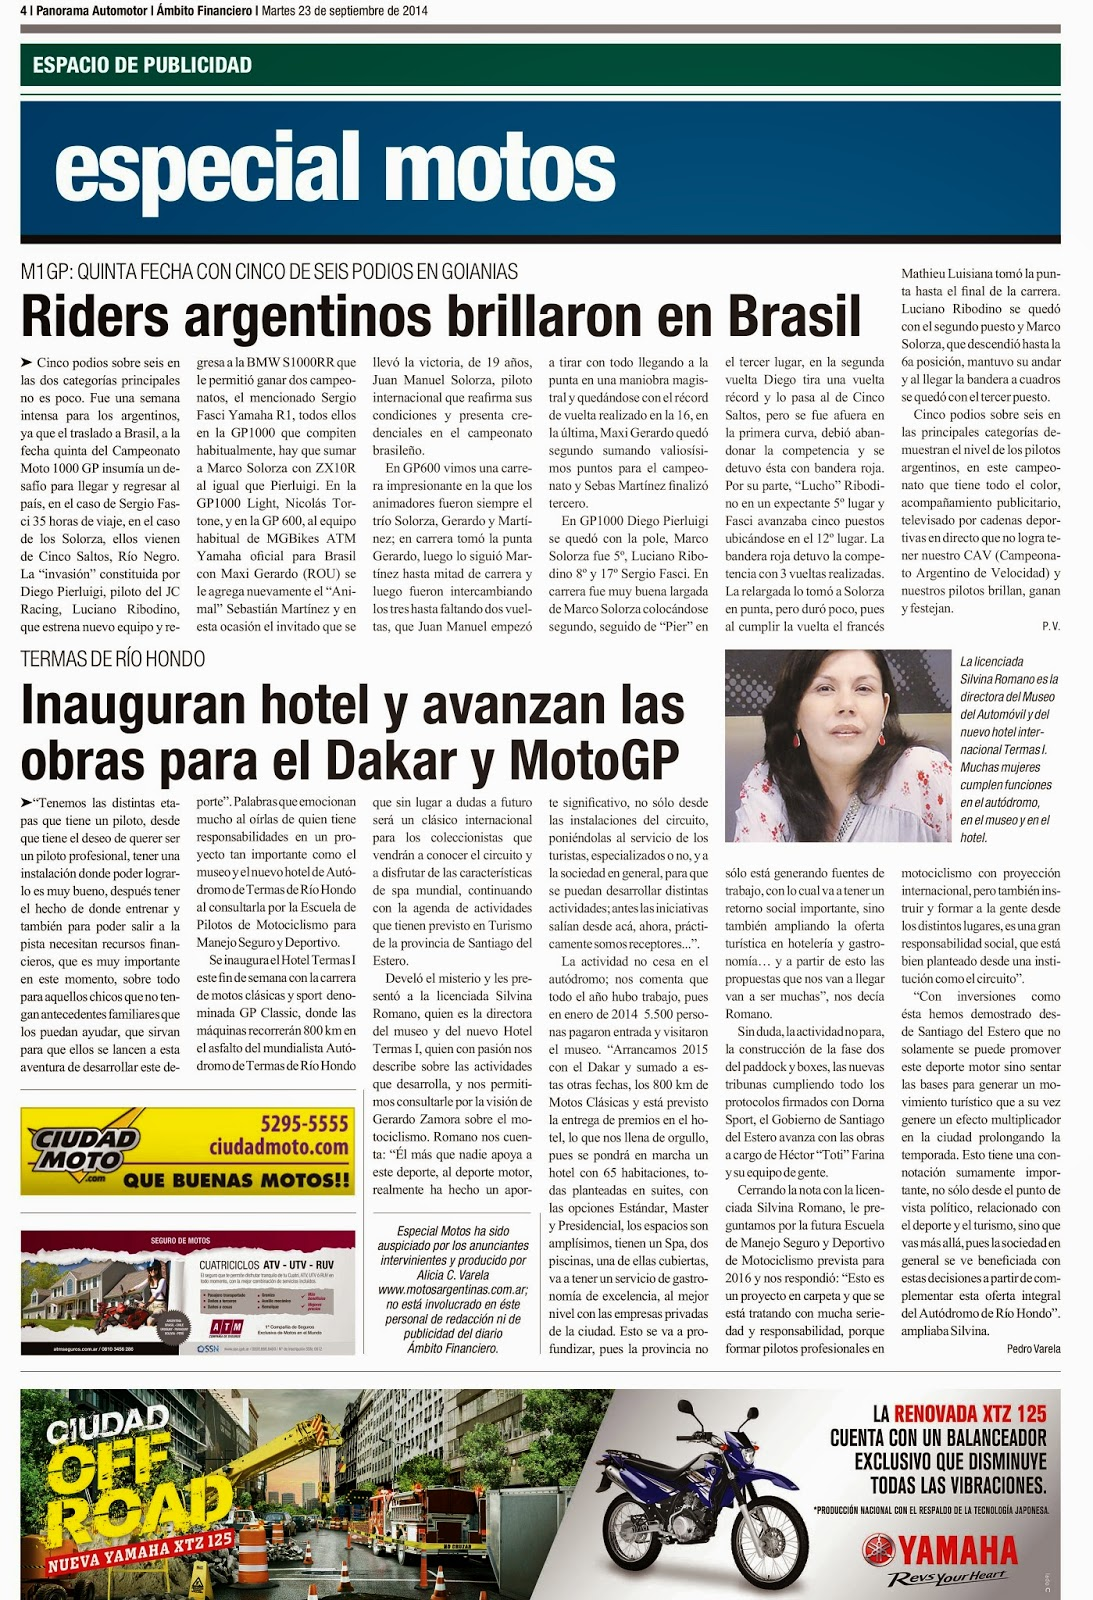 Especial Motos en Diario Ambito Financiero del 23 - 09- 2014